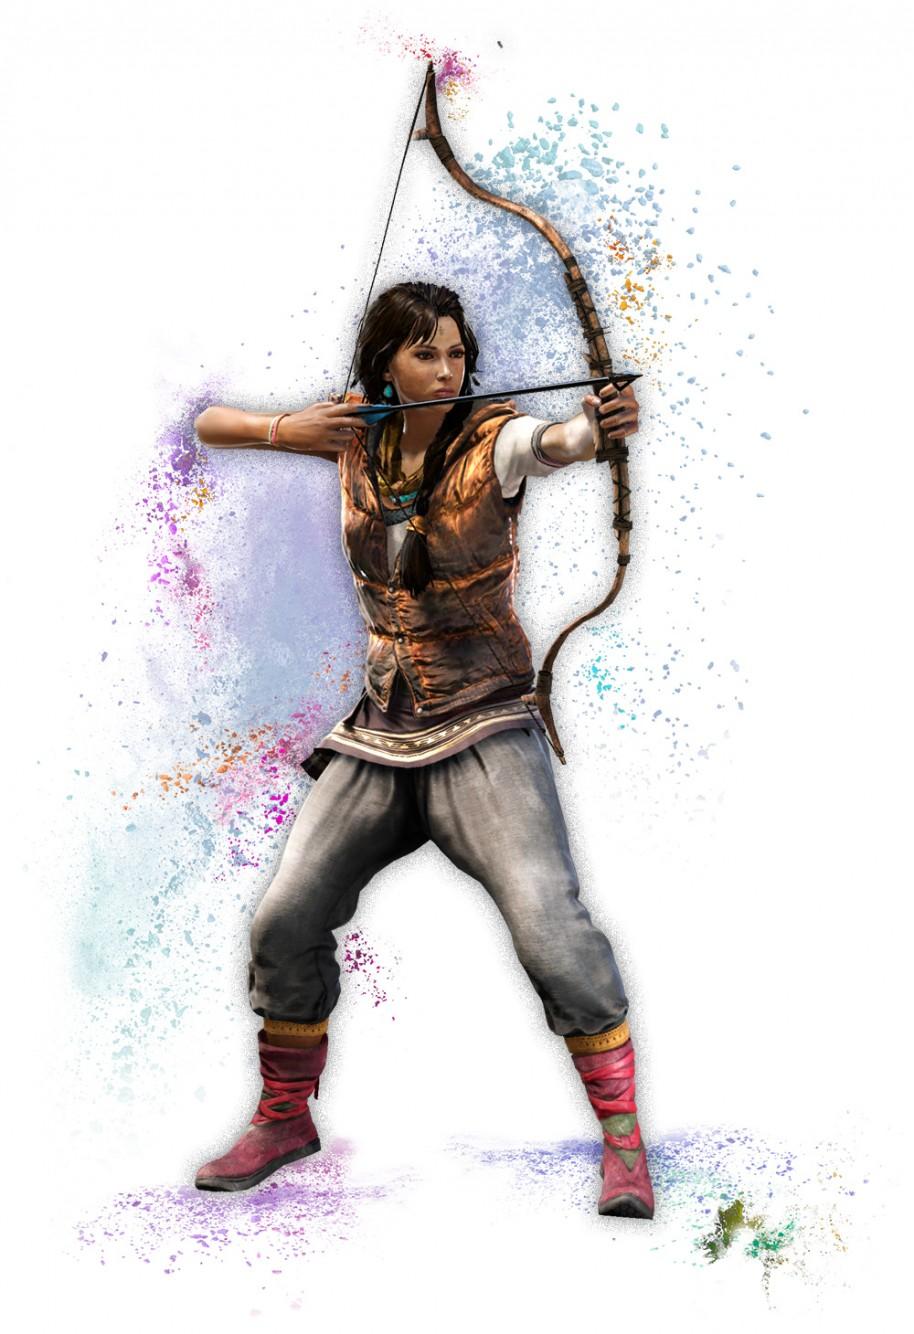 Far Cry 4: Far Cry 4: Gameplay capturado y comentado. Una locura!